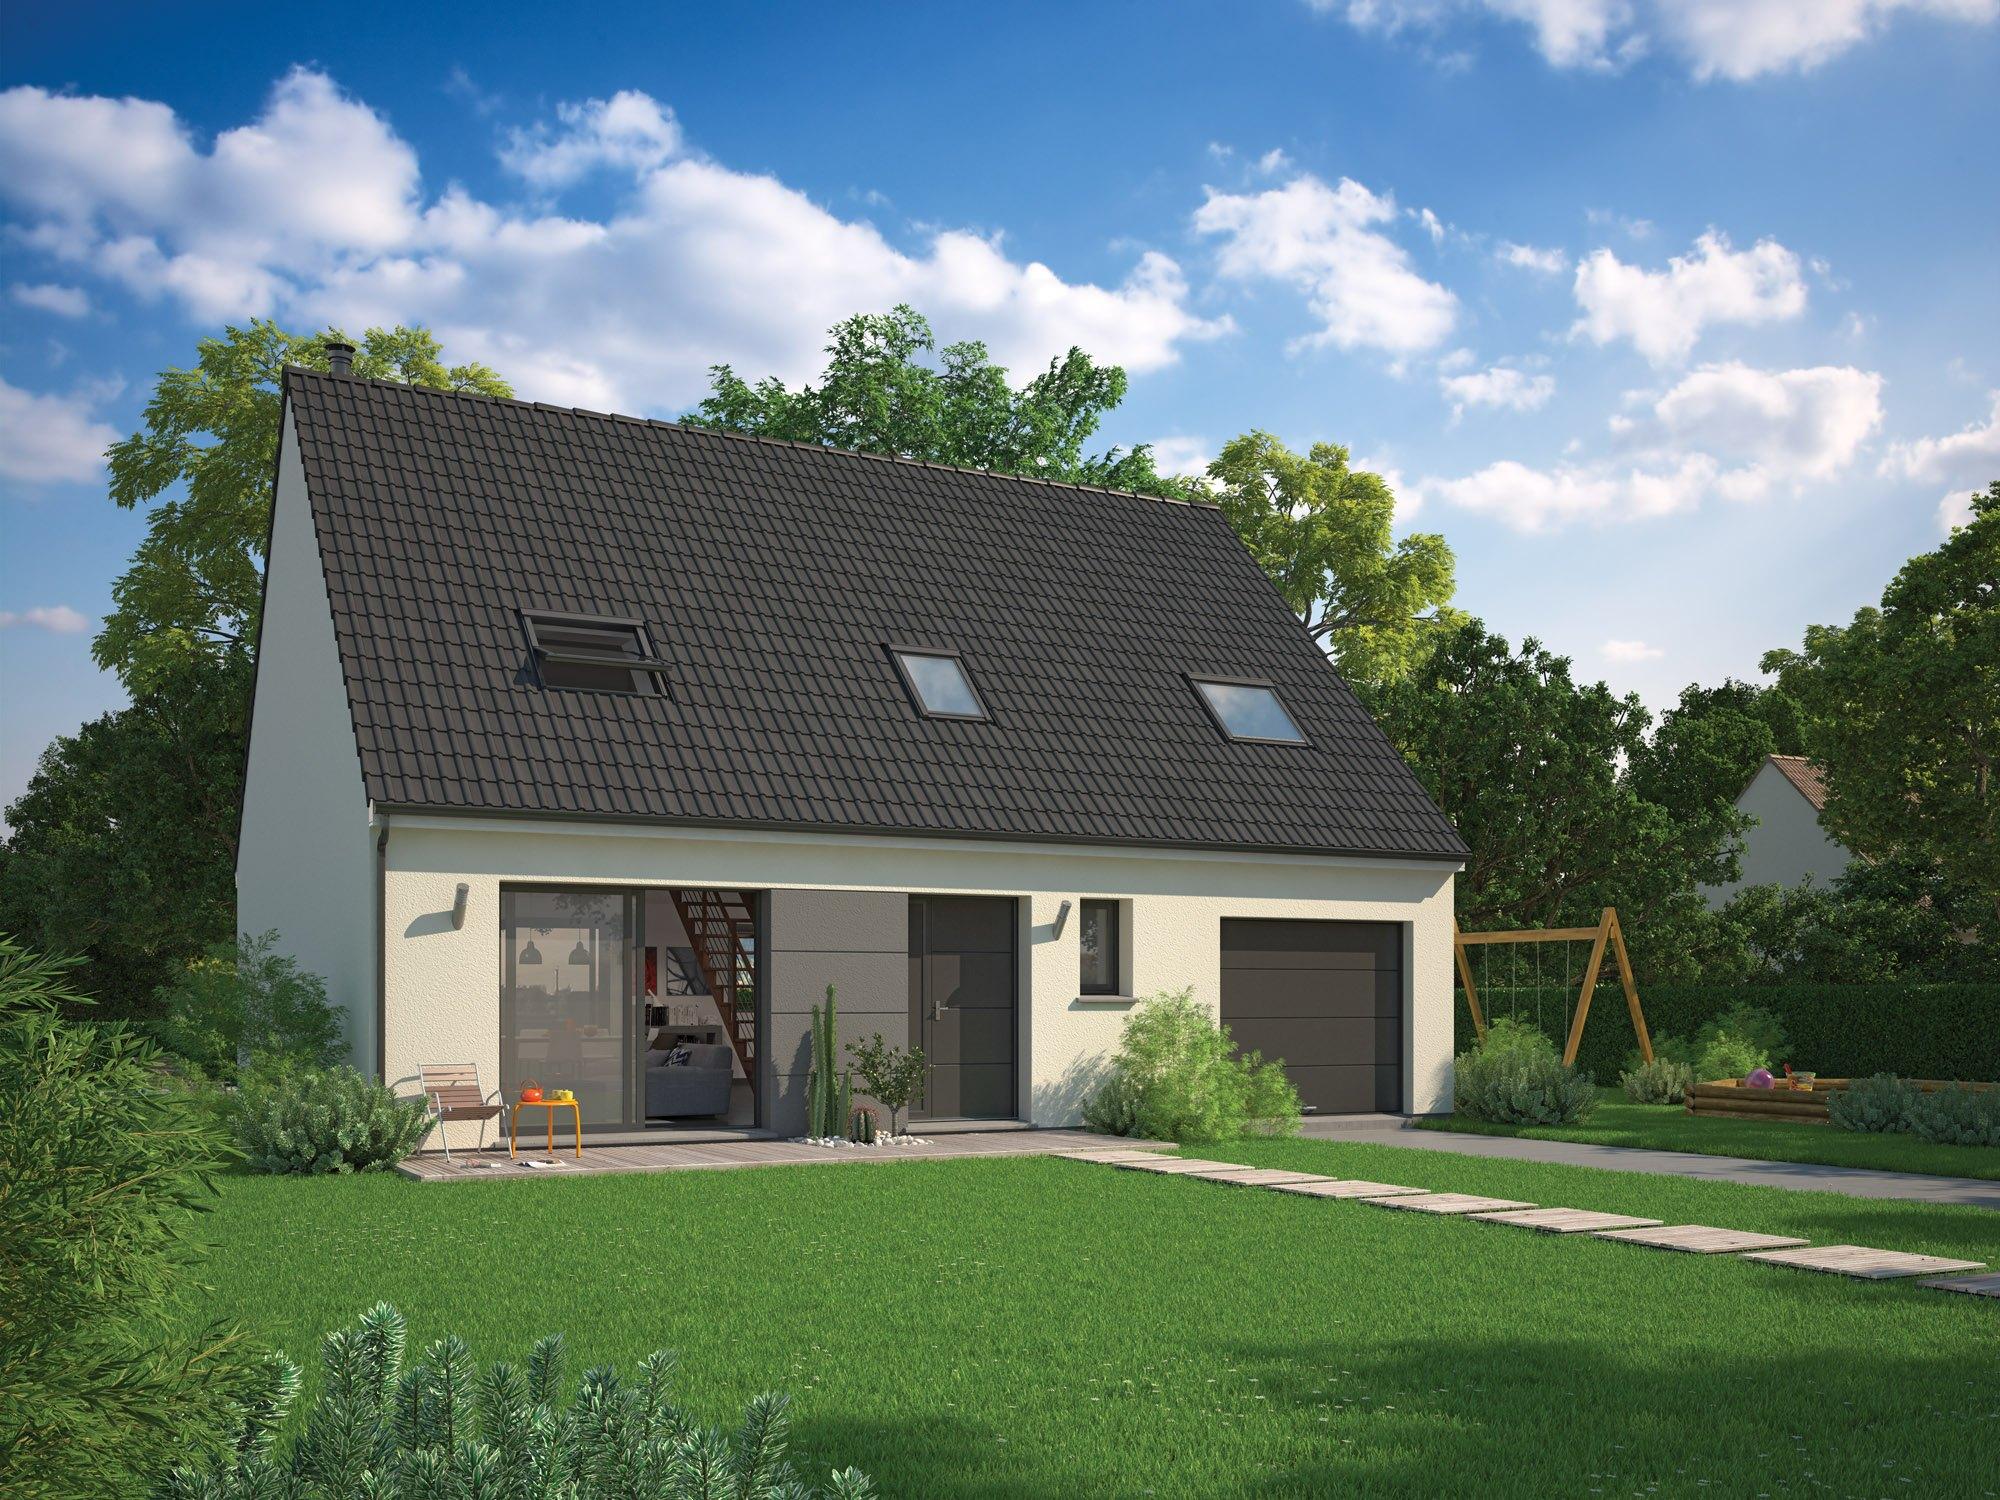 Maisons + Terrains du constructeur MAISON FAMILIALE • 100 m² • SURVILLIERS